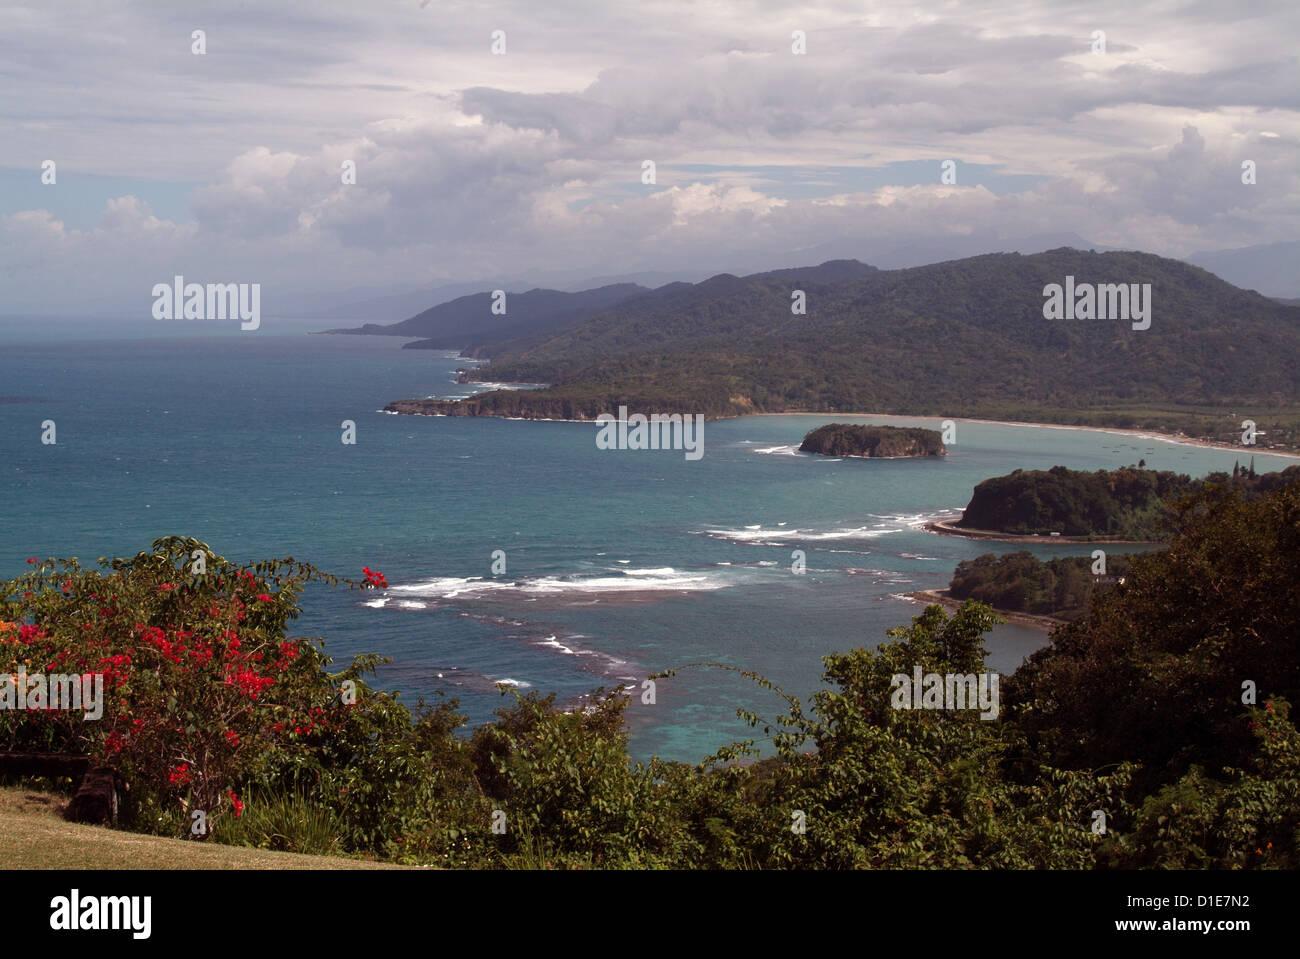 Voir à partir de la Noel Coward's home, Firefly, Port Maria, Jamaïque, Antilles, Caraïbes, Amérique Photo Stock